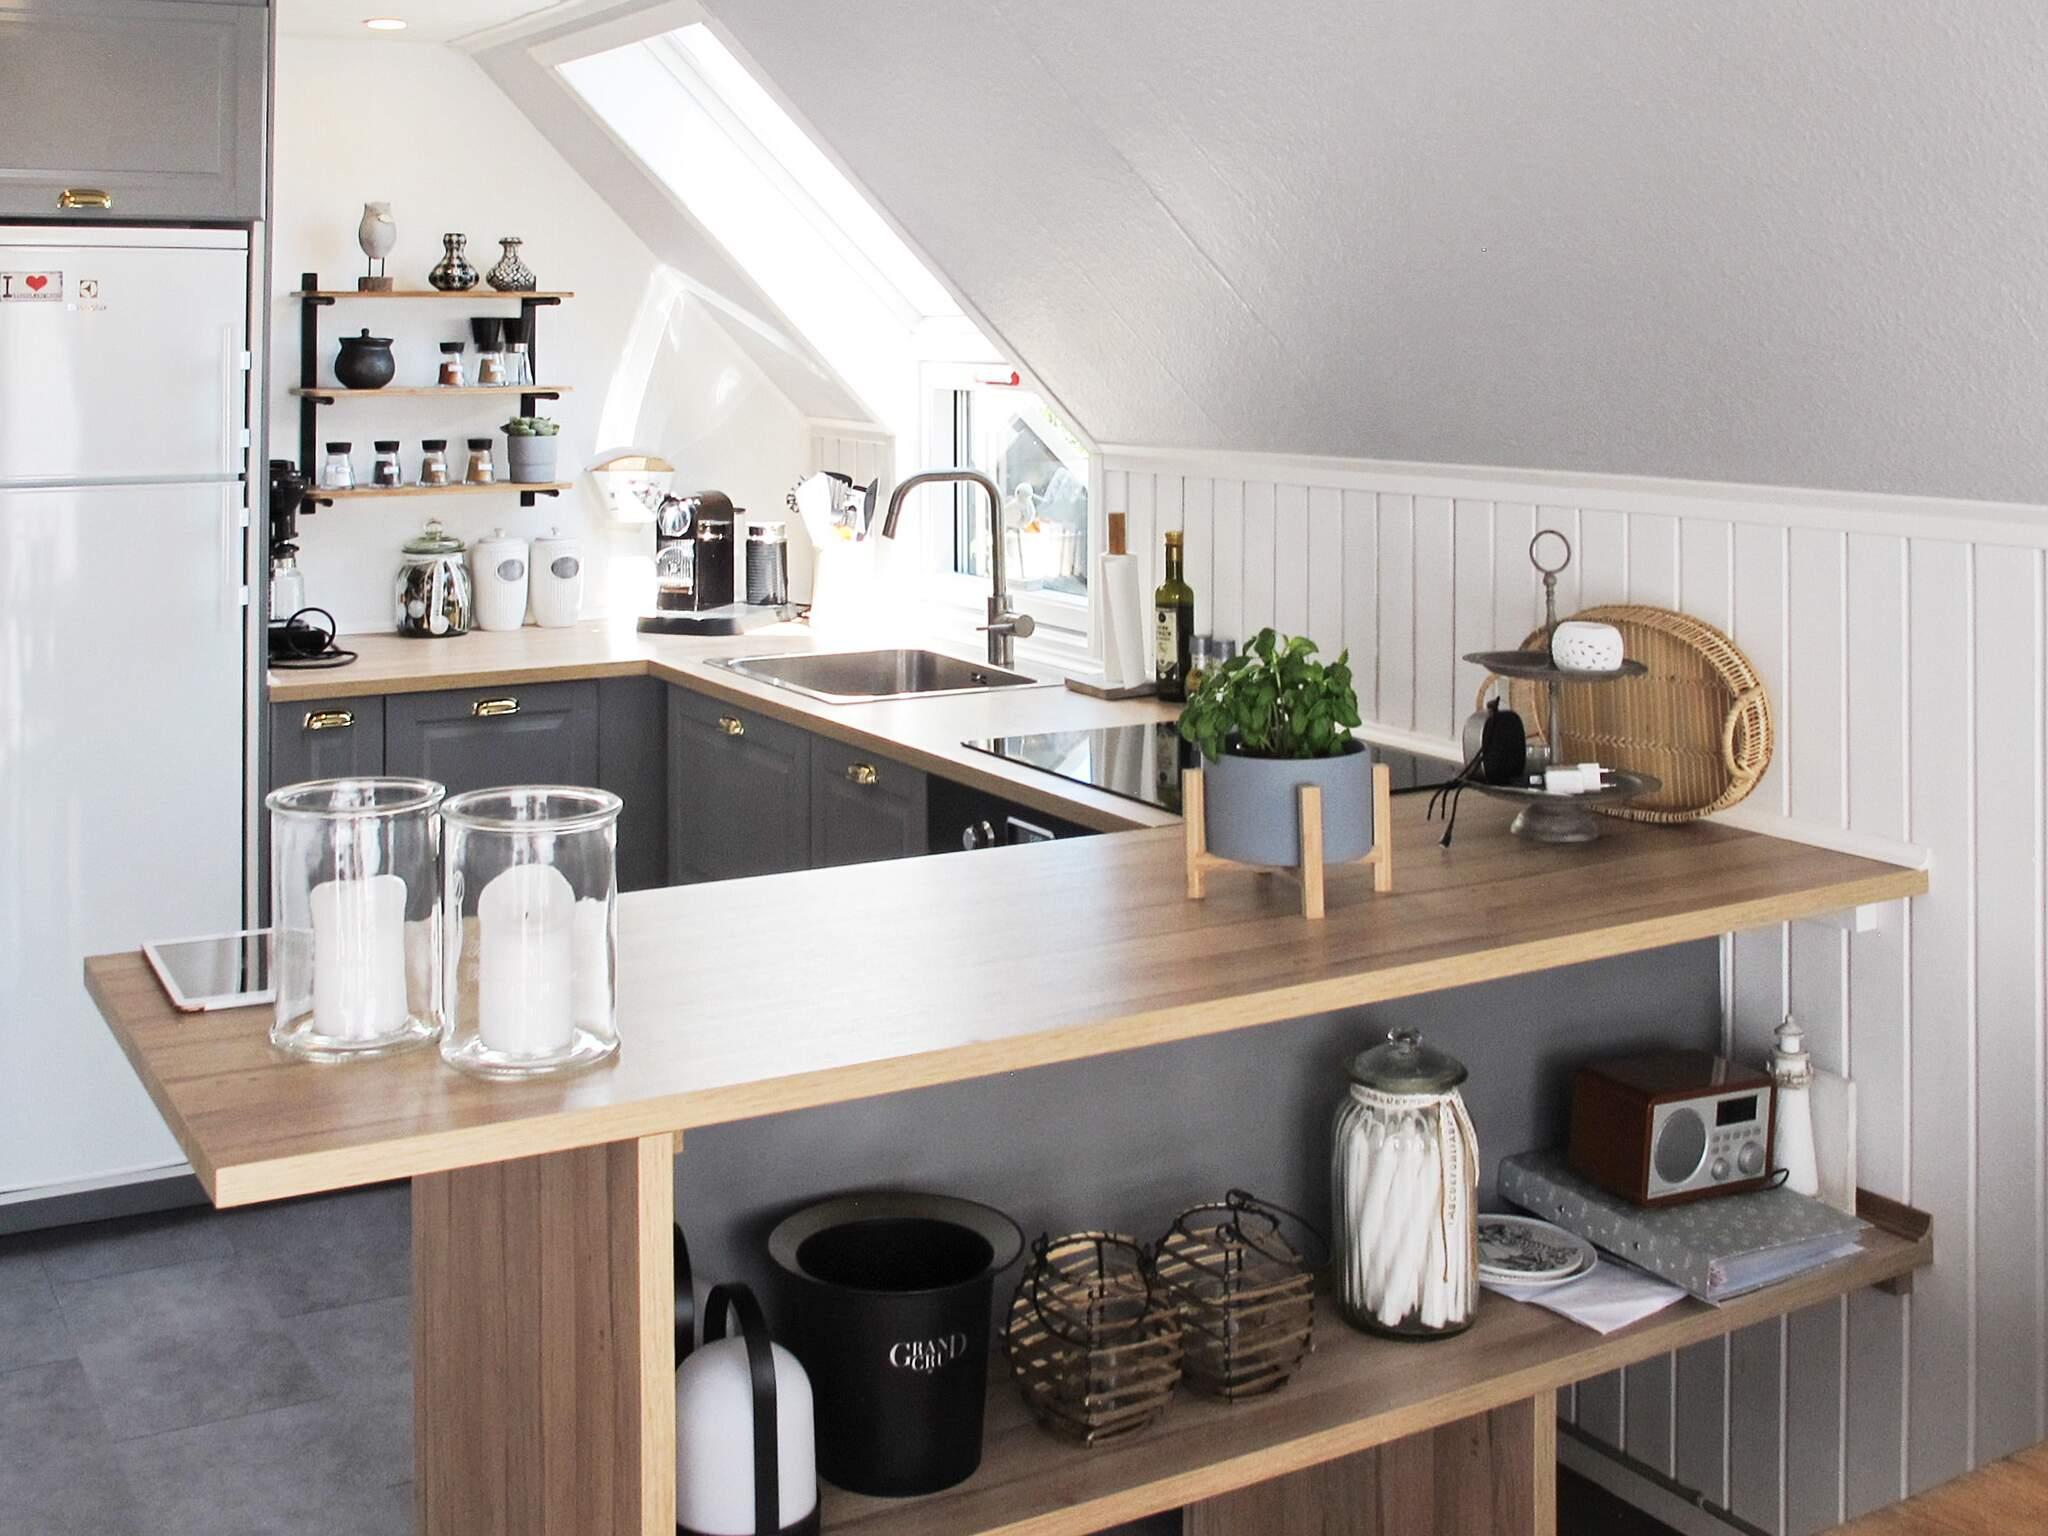 Ferienhaus Enø (2633234), Karrebæksminde, , Südseeland, Dänemark, Bild 4